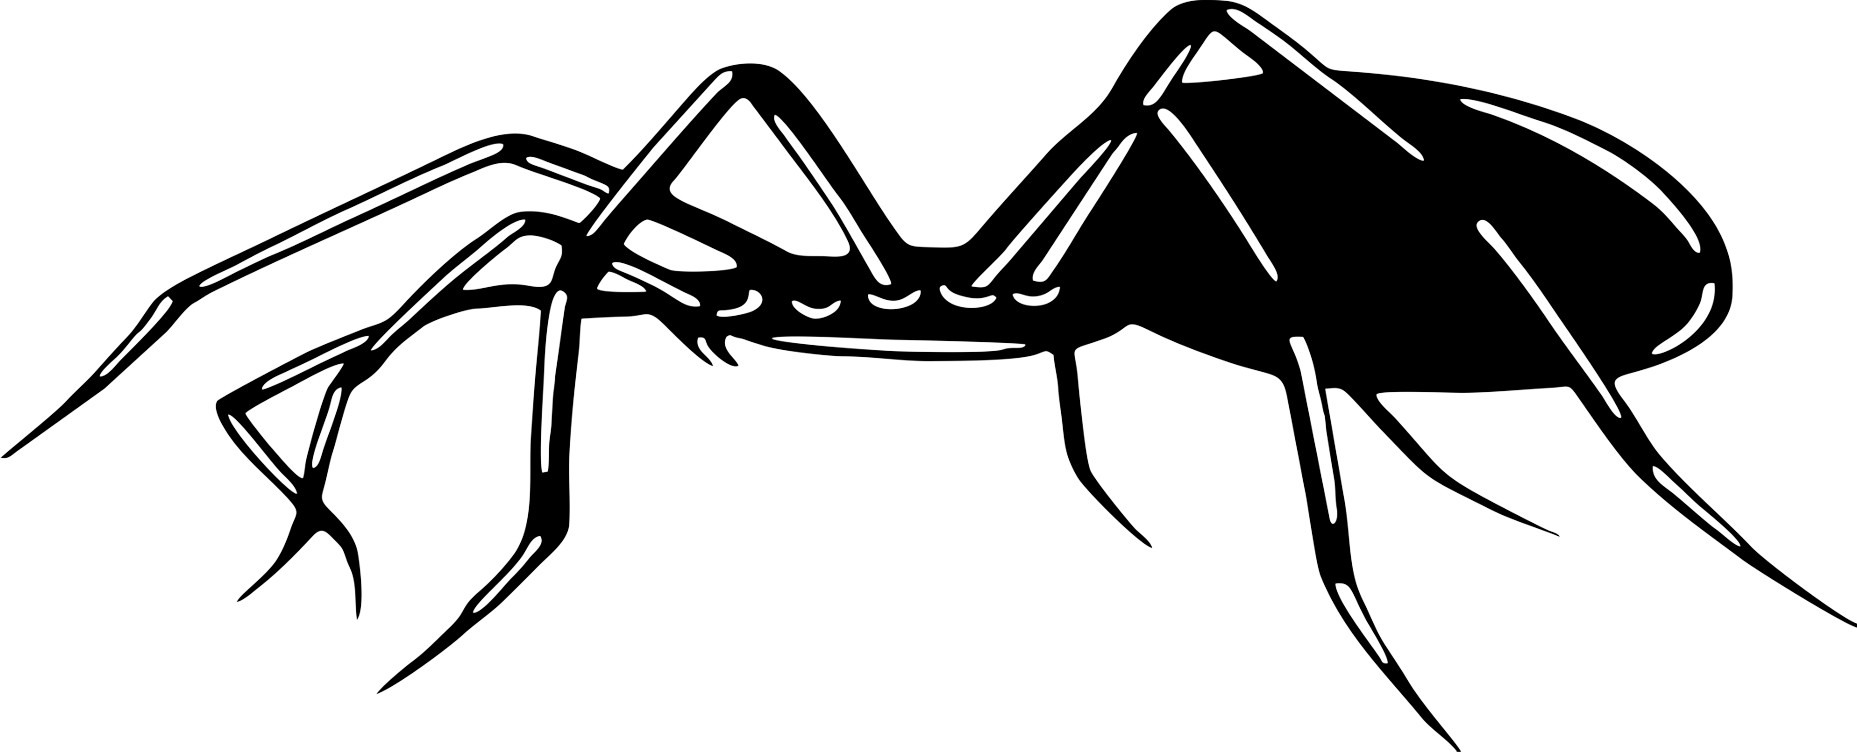 Car-Tattoo Spider 1.160 x 470 mm black – Bild 1